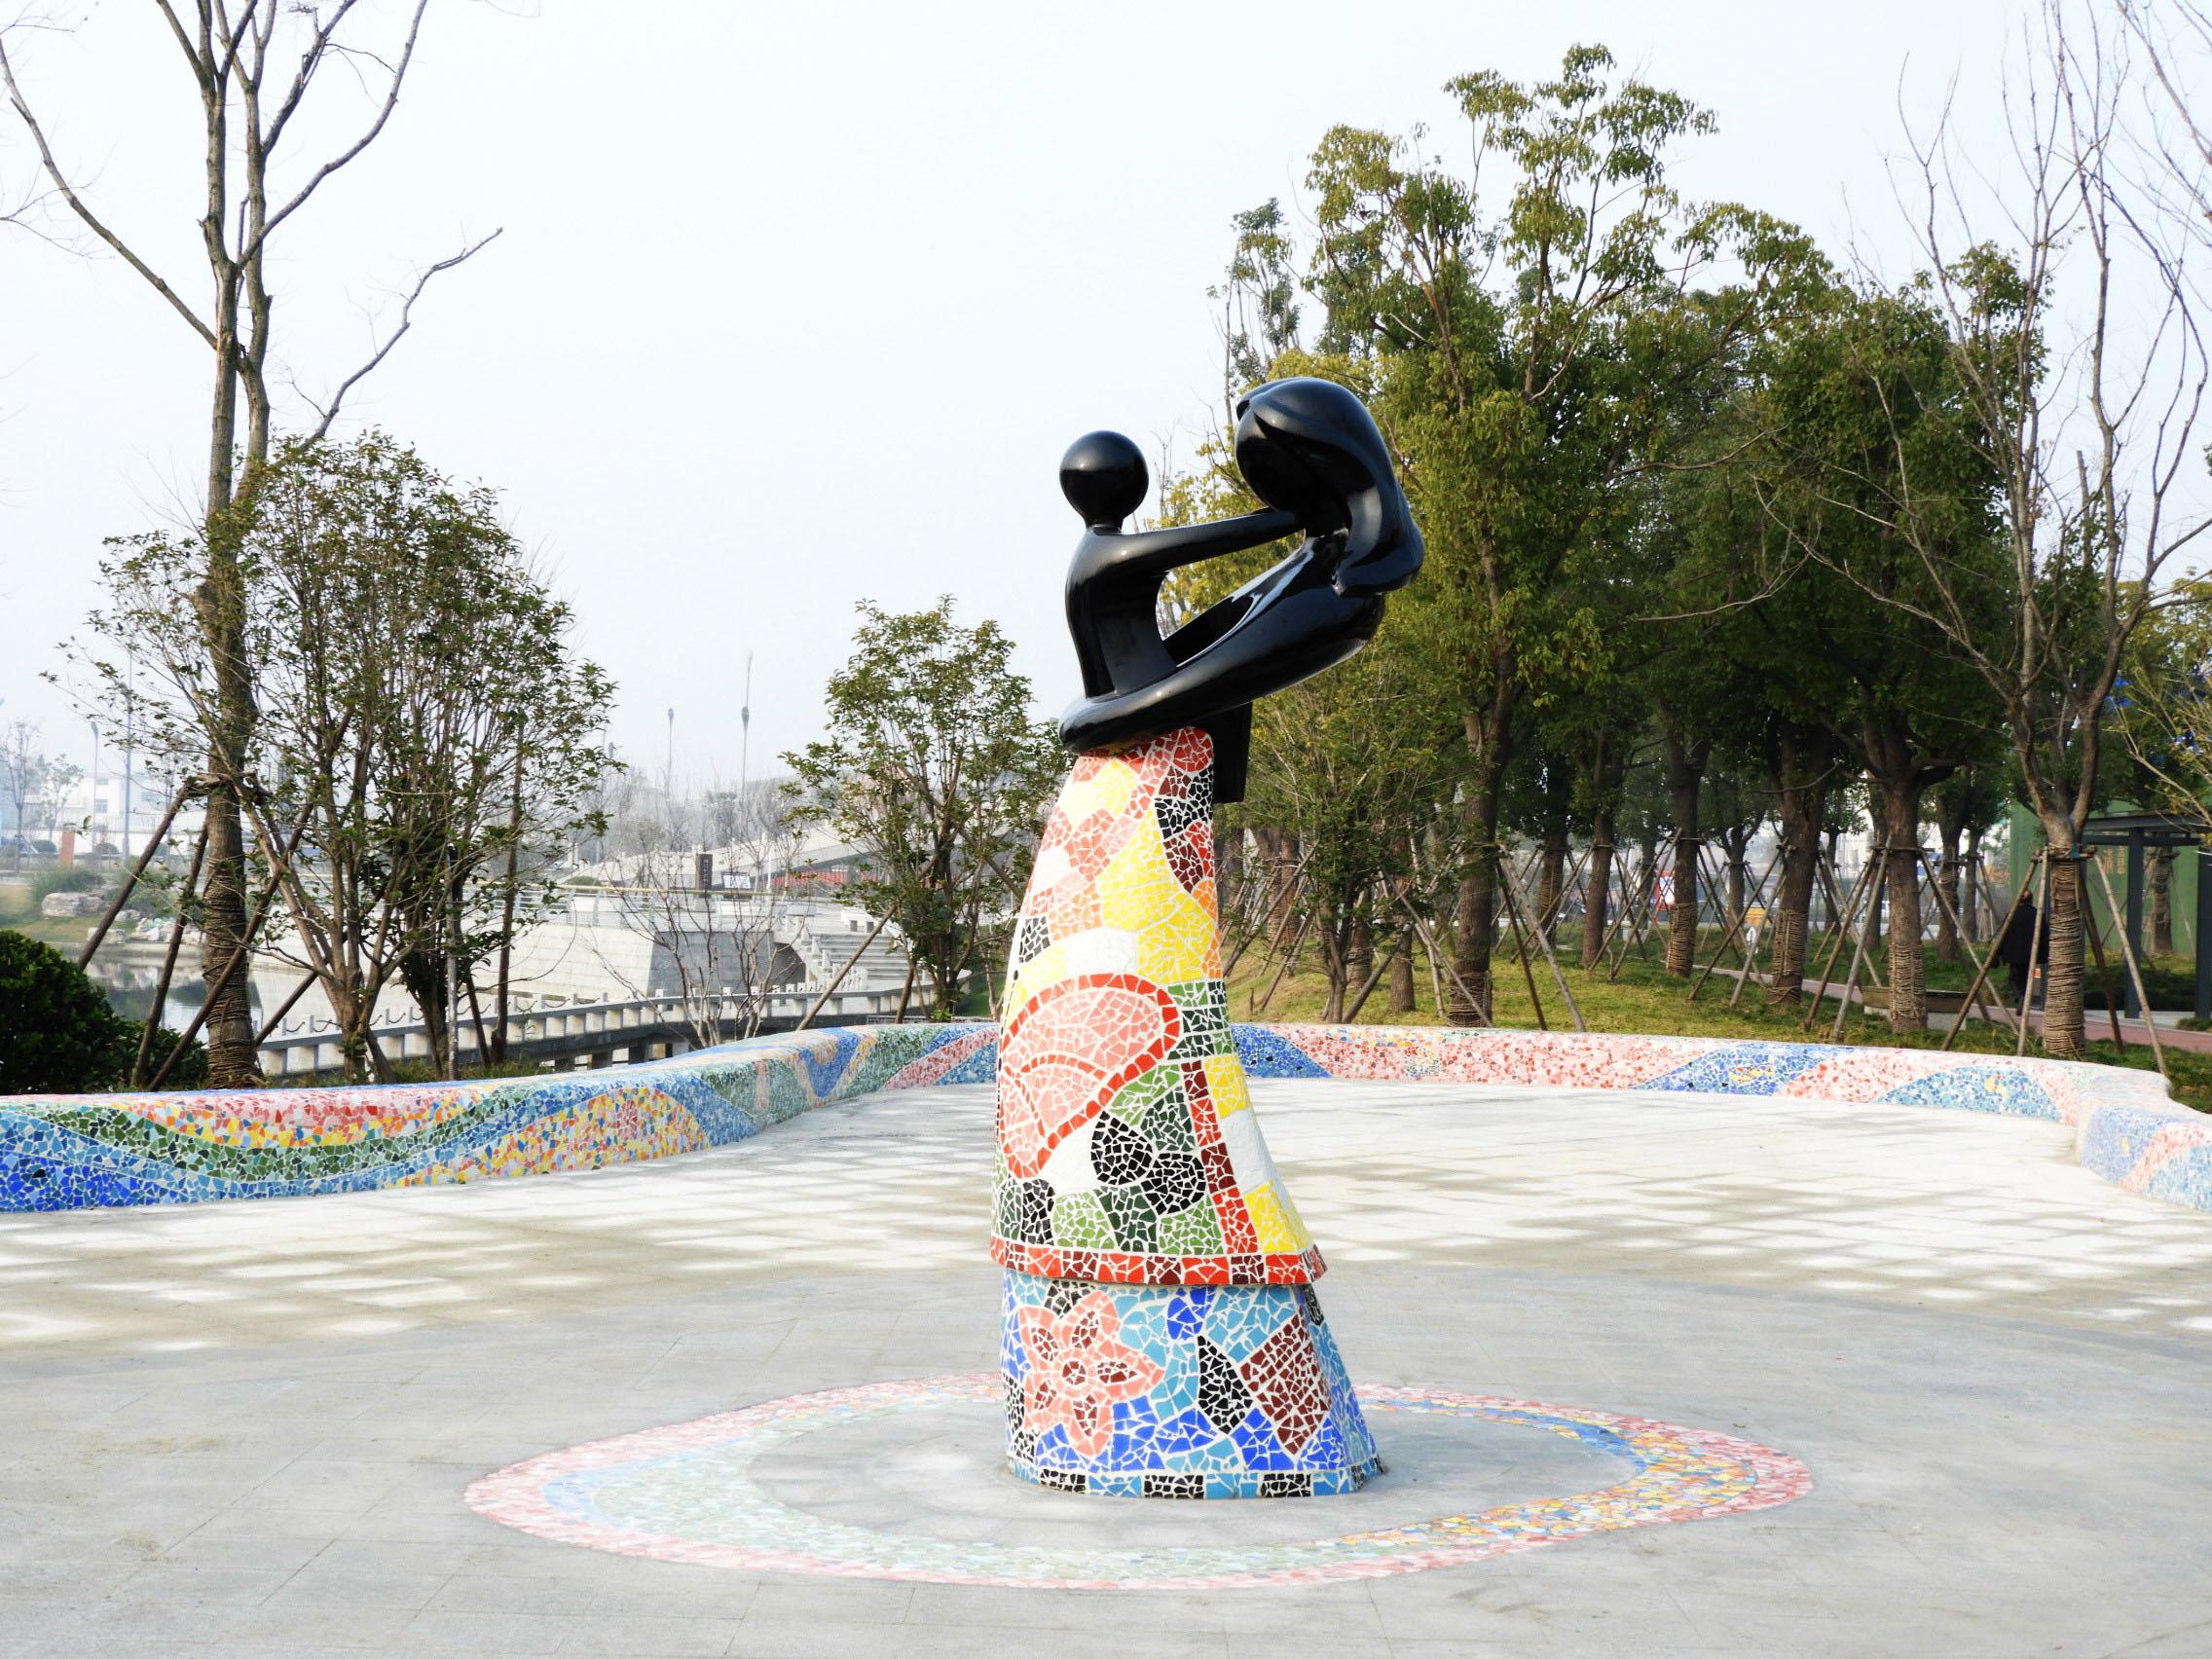 七里河公园添亲子雕塑马赛克风格 灵感来自遥远的西班牙